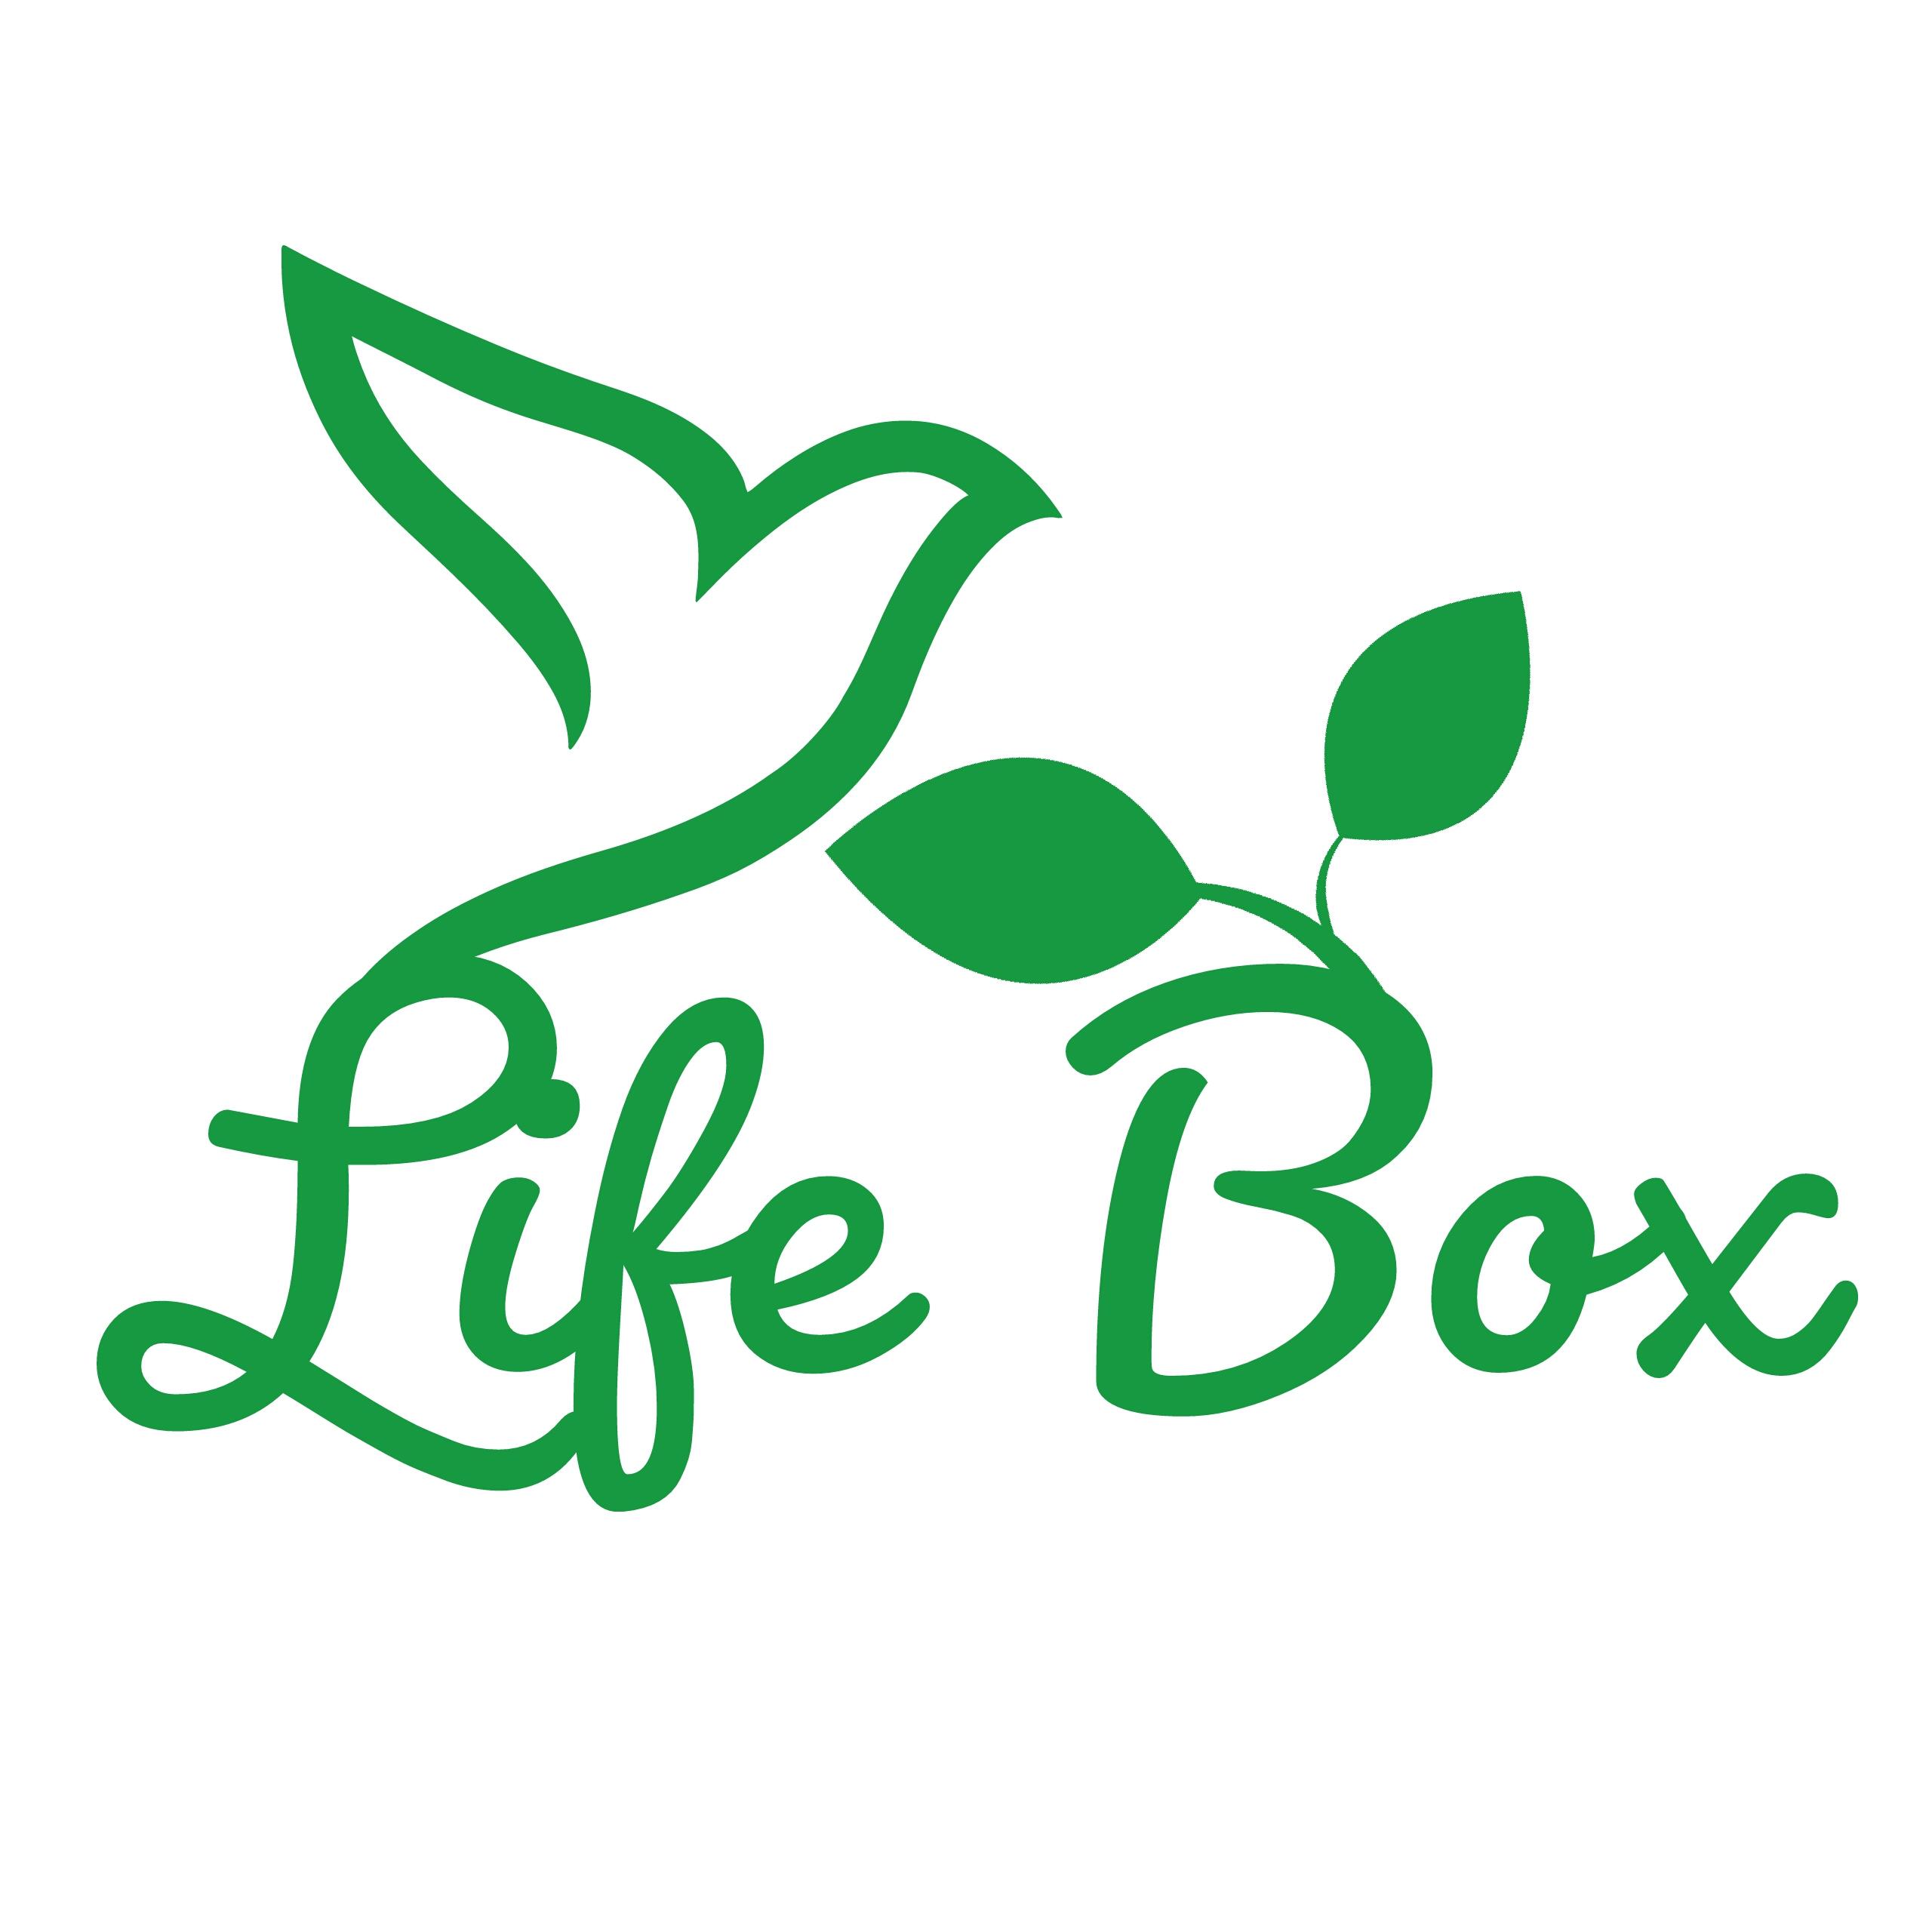 Разработка Логотипа. Победитель получит расширеный заказ  фото f_9865c27158aa5cff.jpg